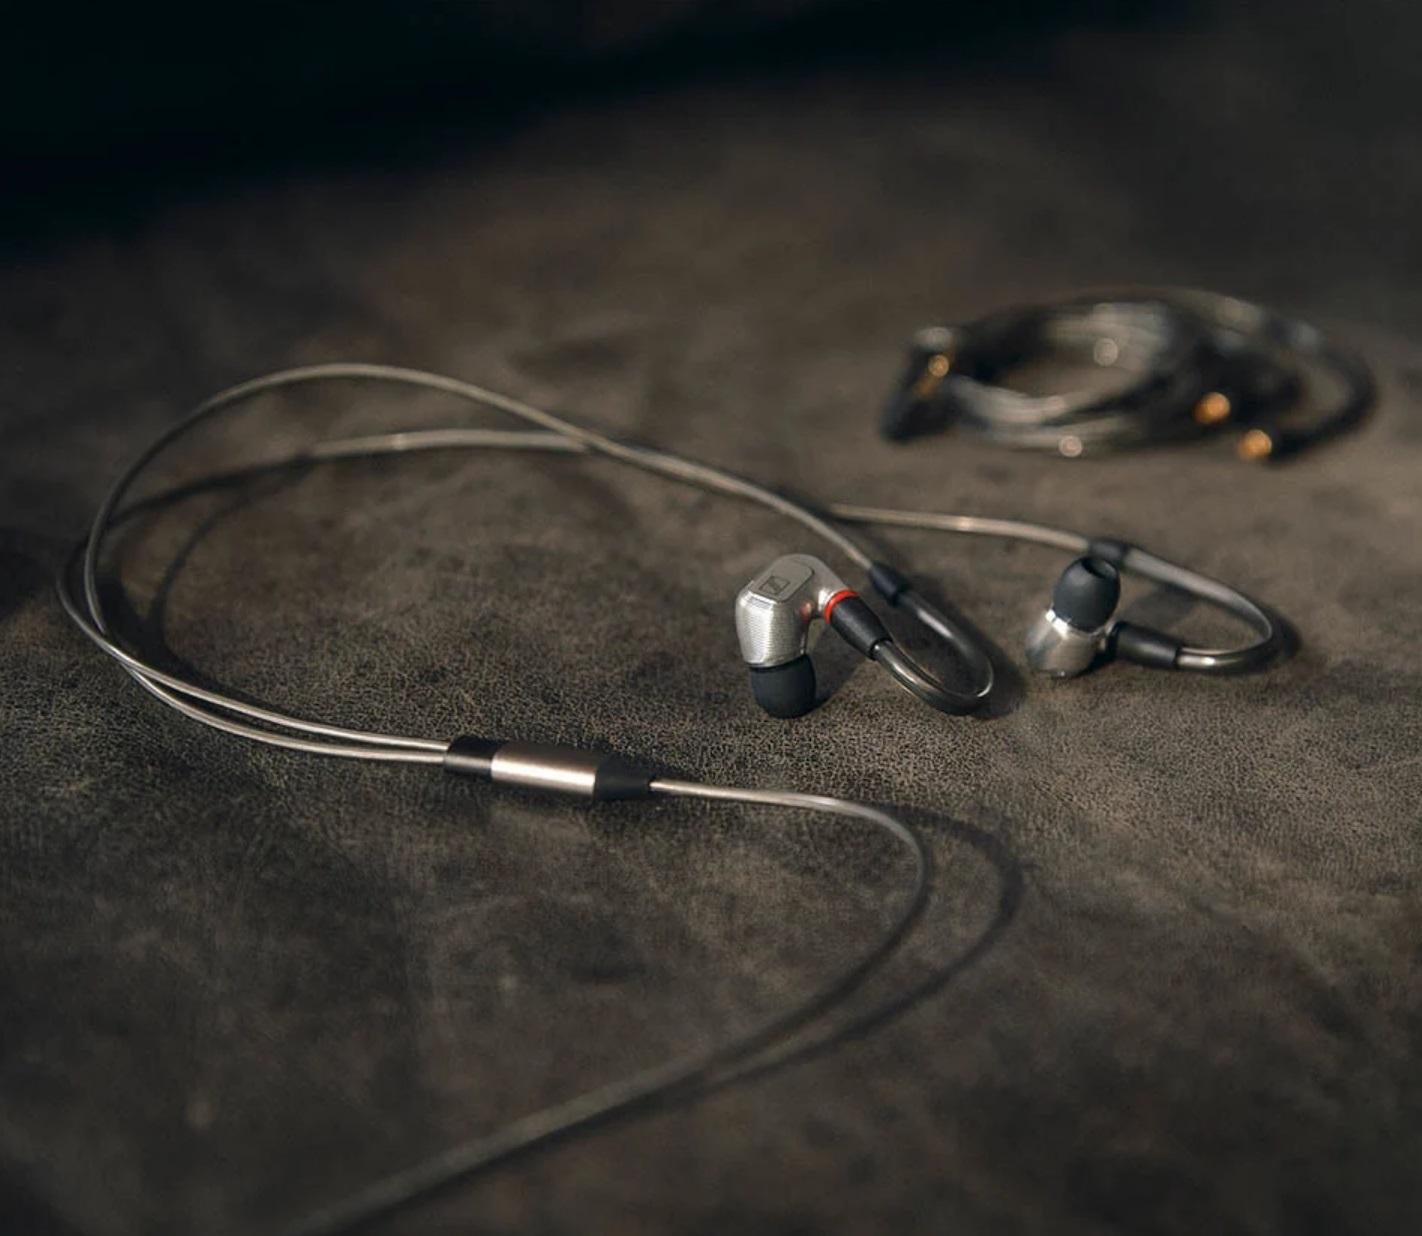 Ie900 Headphones Life Style Store